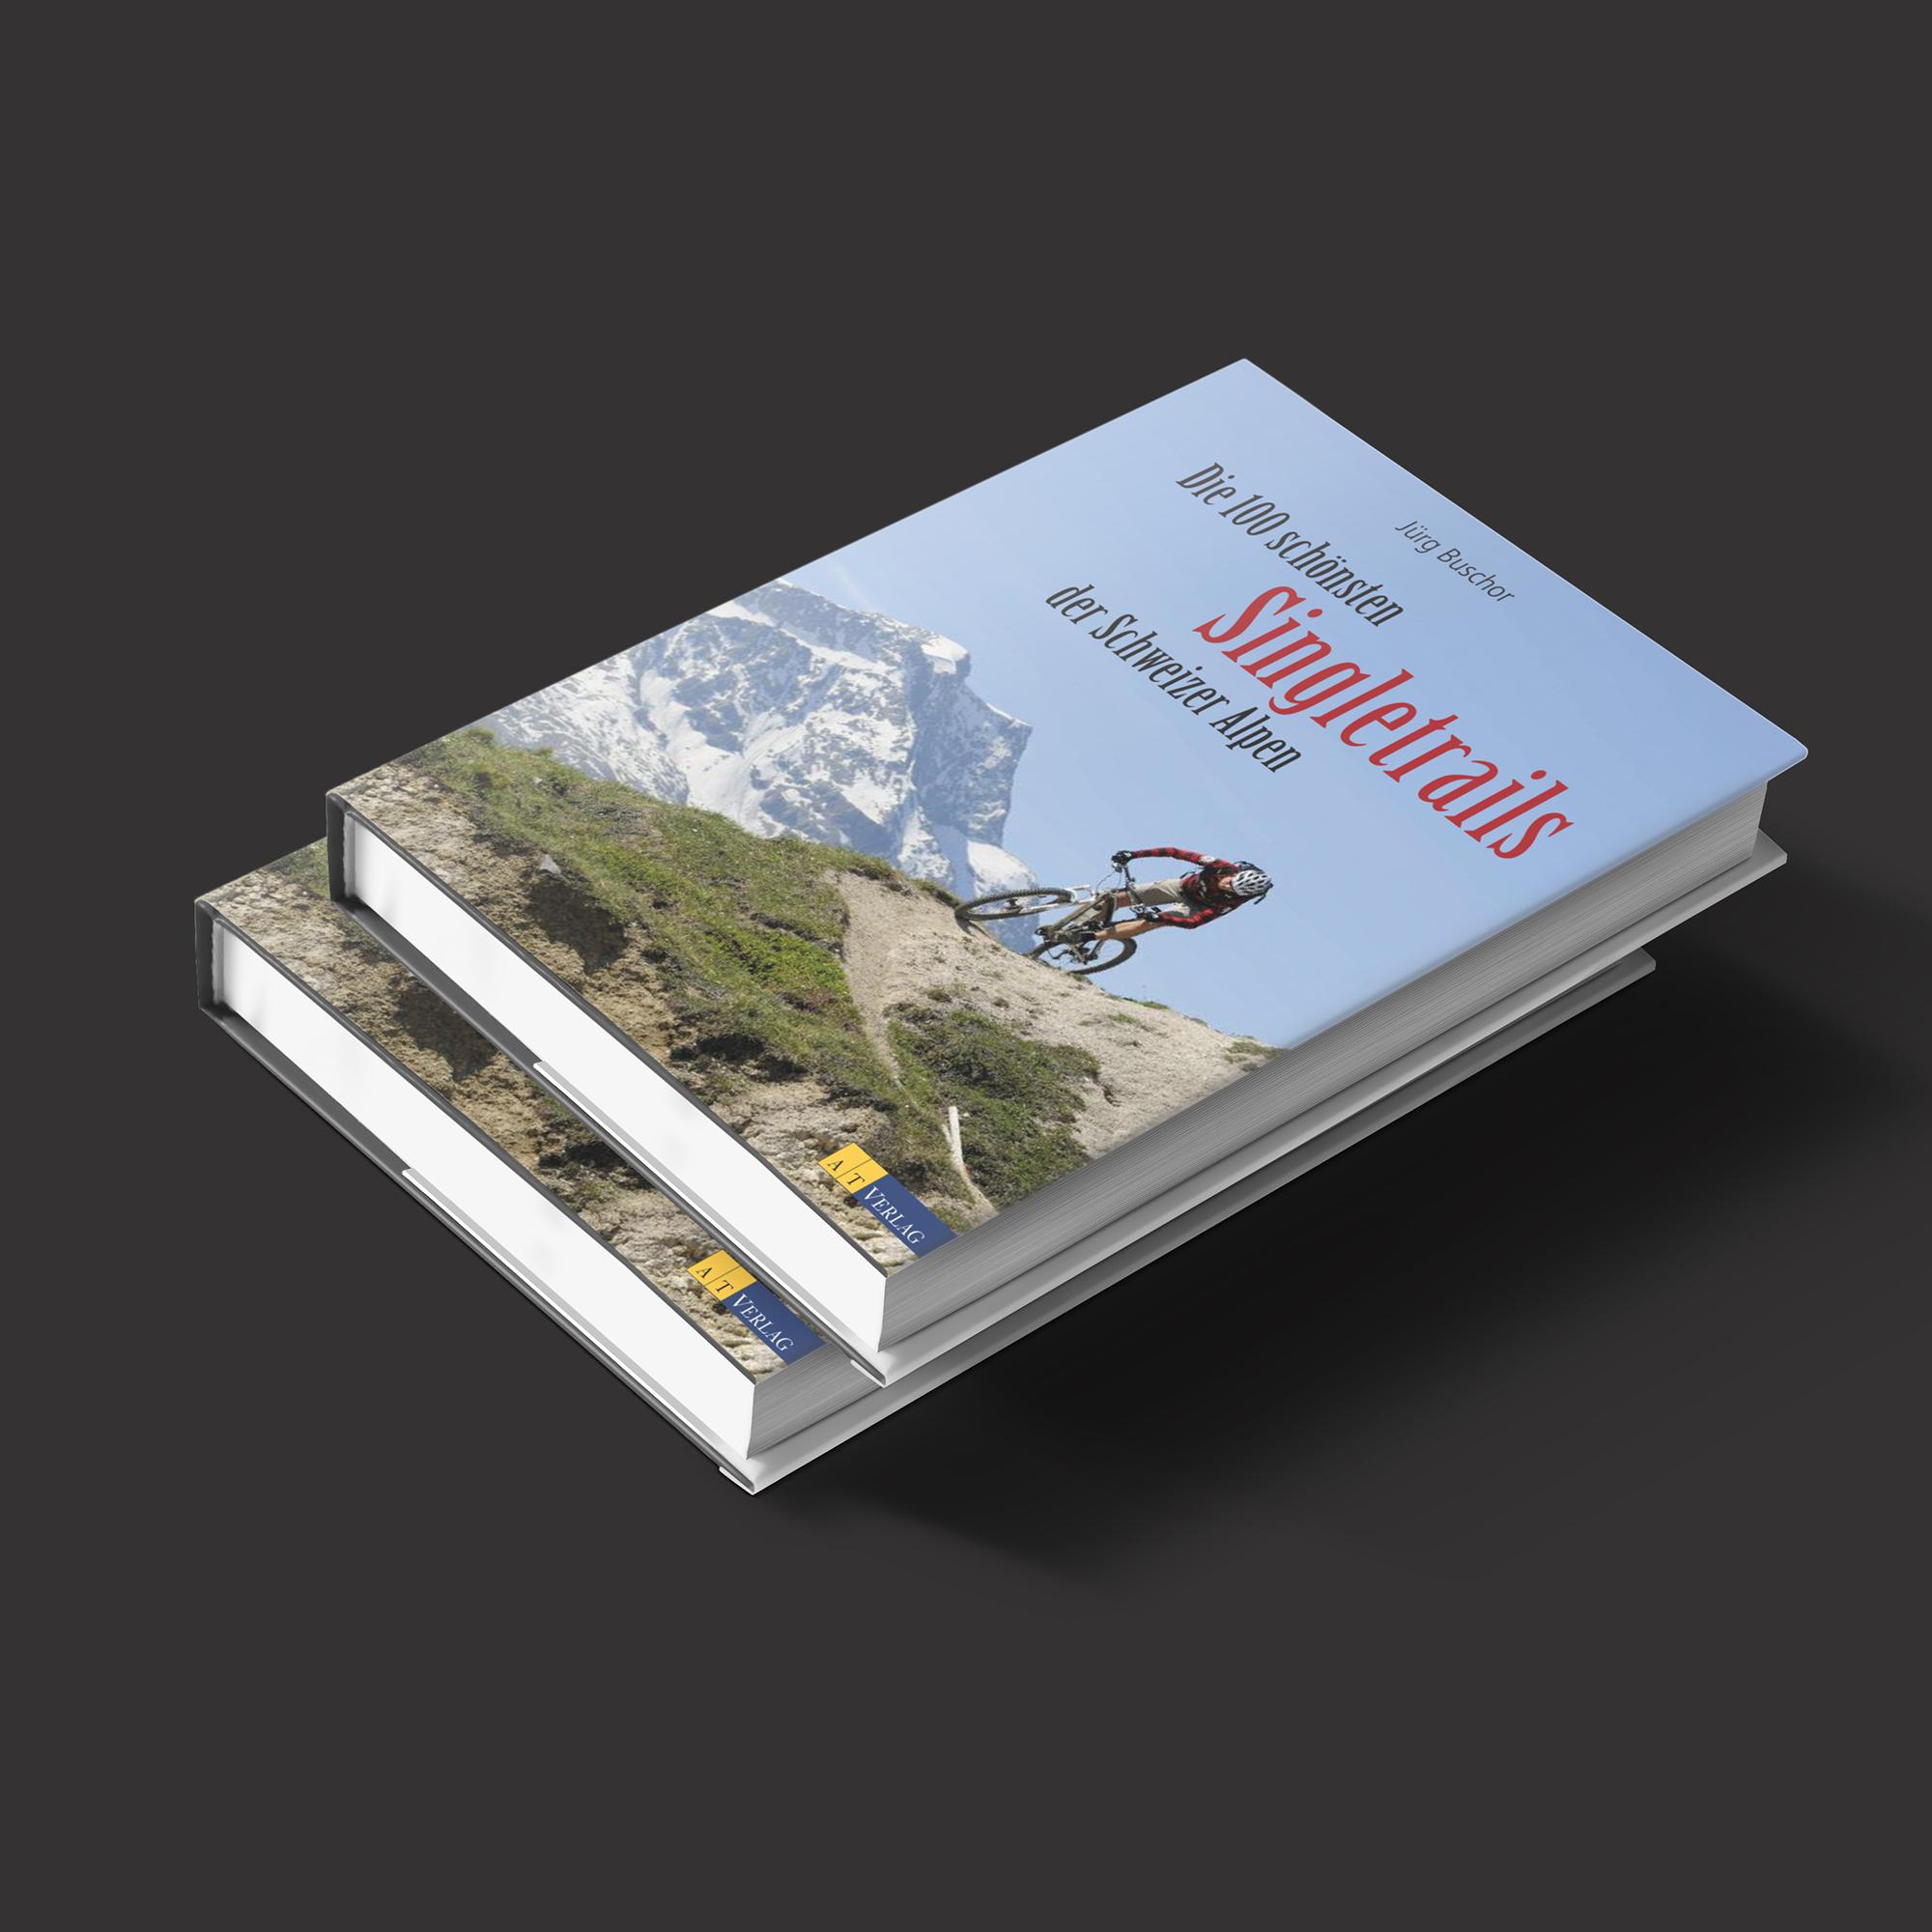 Bild Singletrails in den Schweizer Alpen